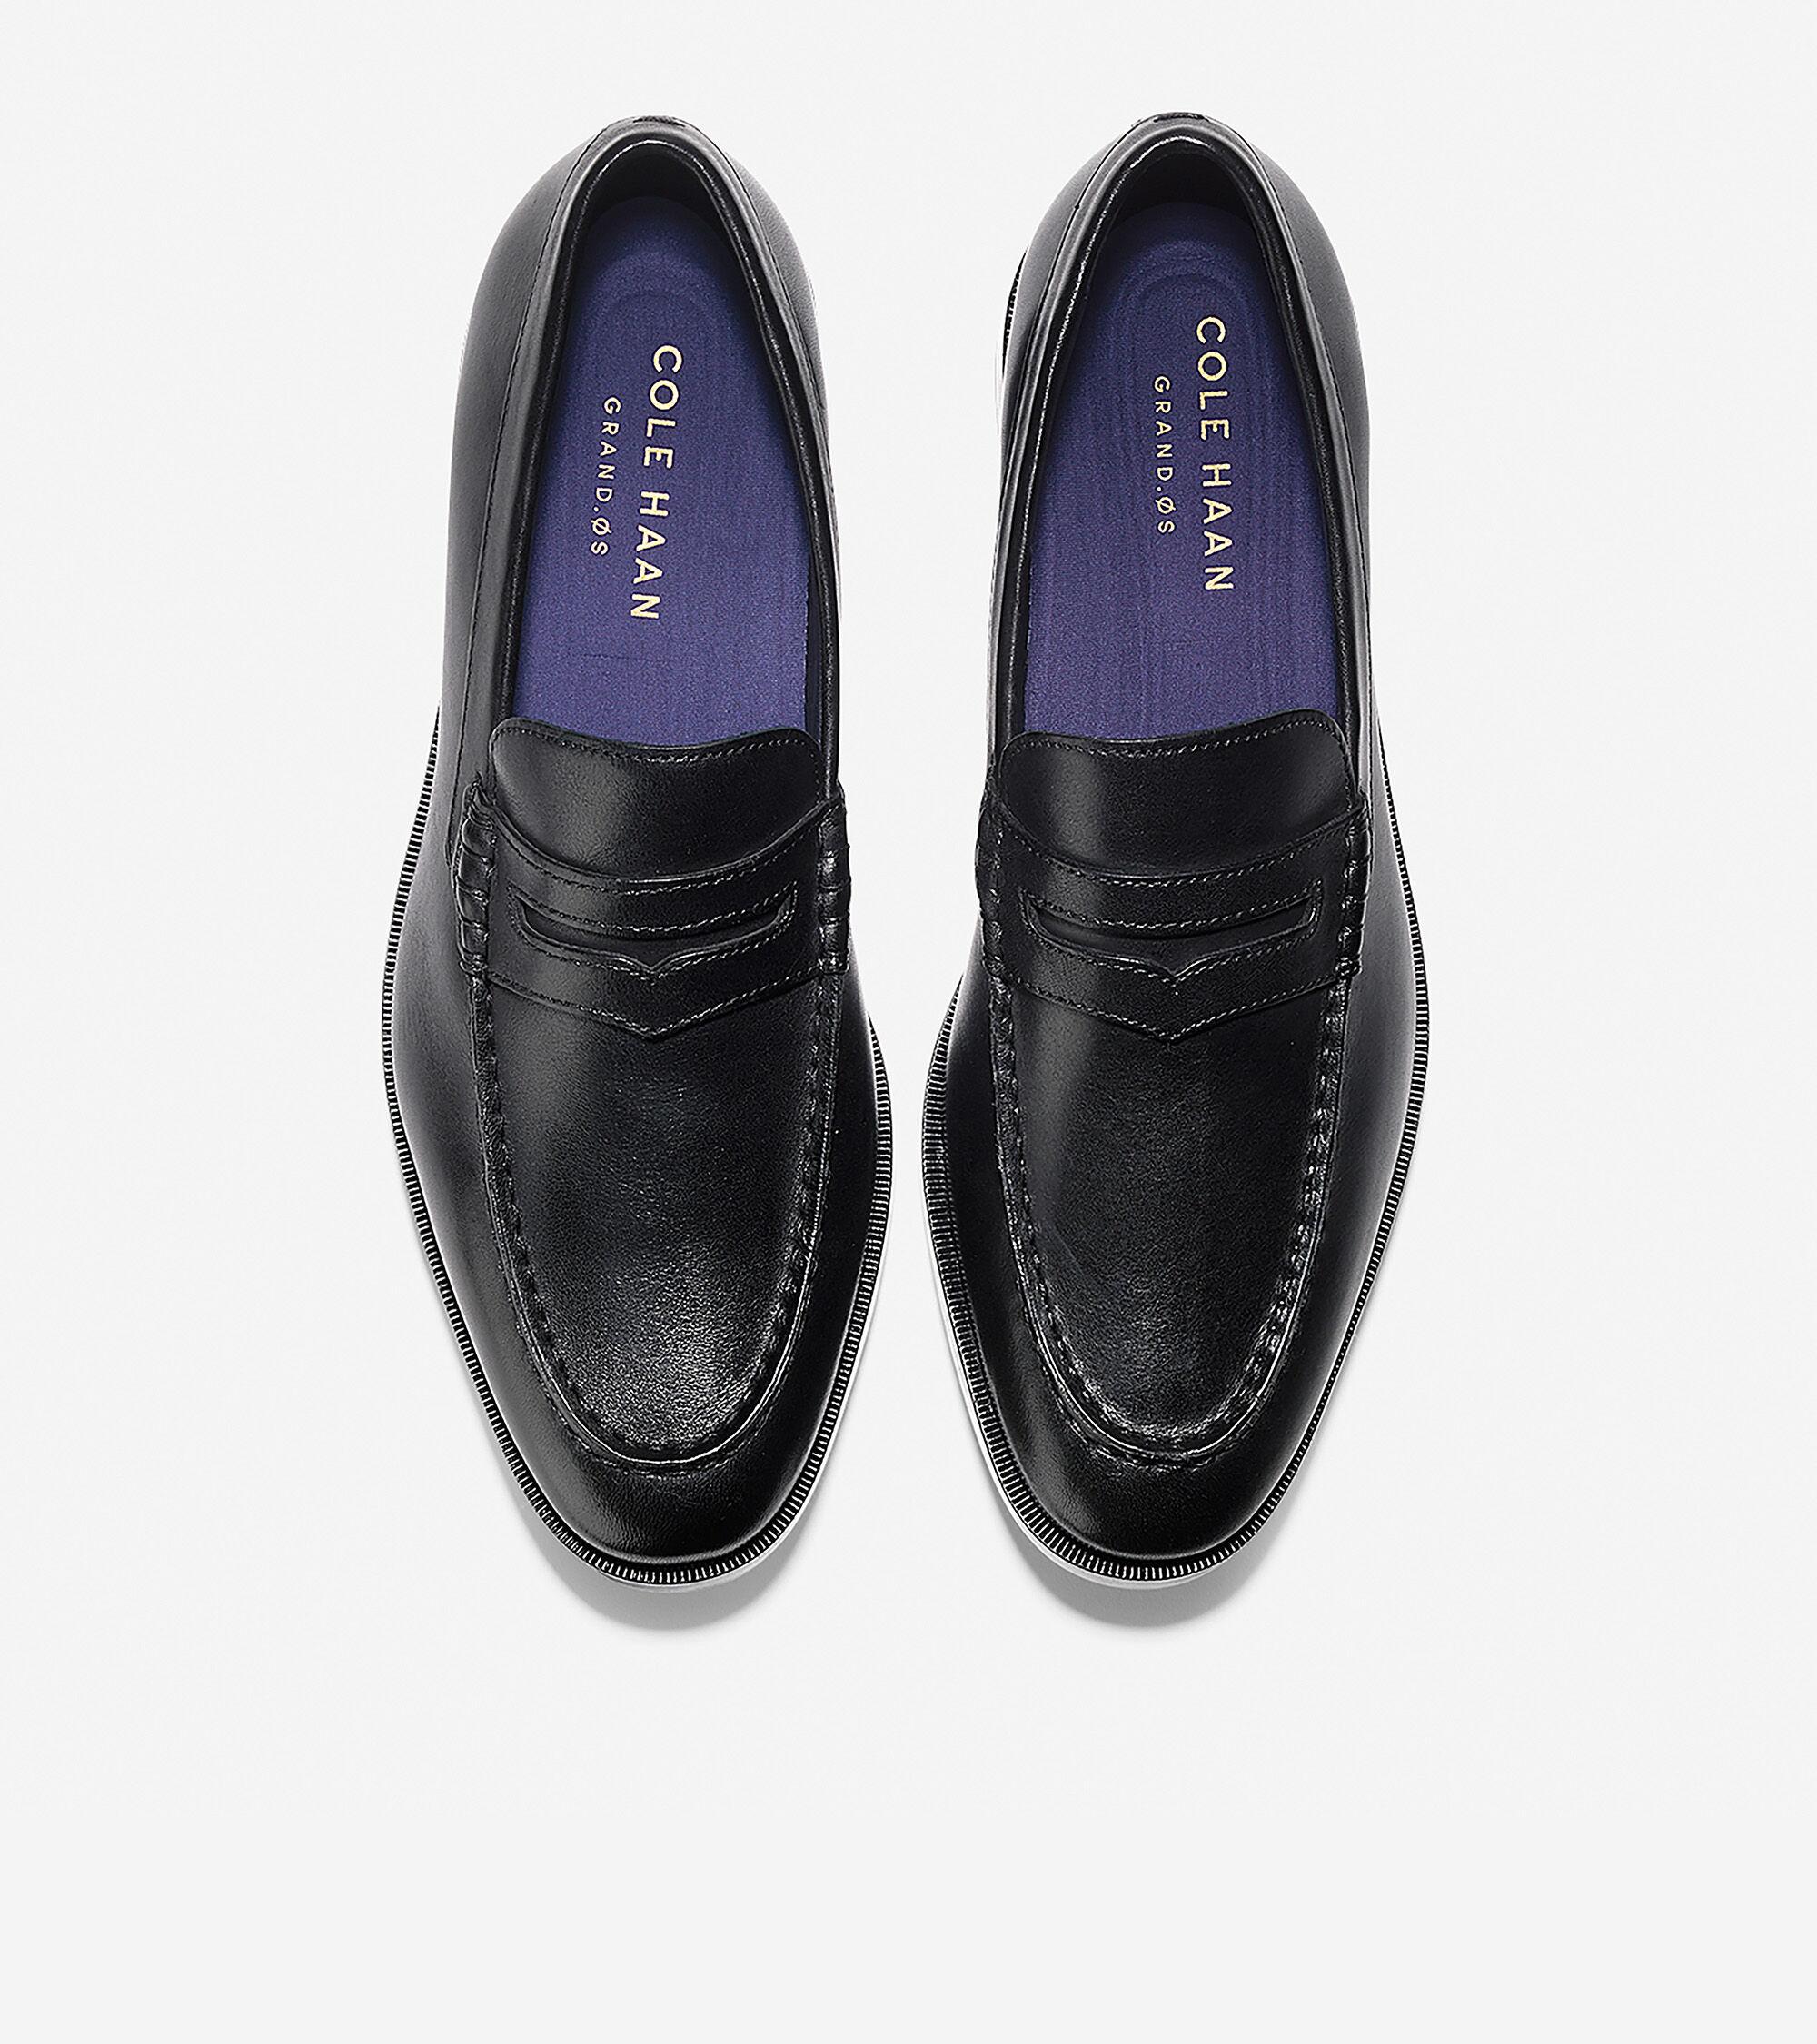 bc008561522 Men s Hamilton Grand Penny Loafers in Black